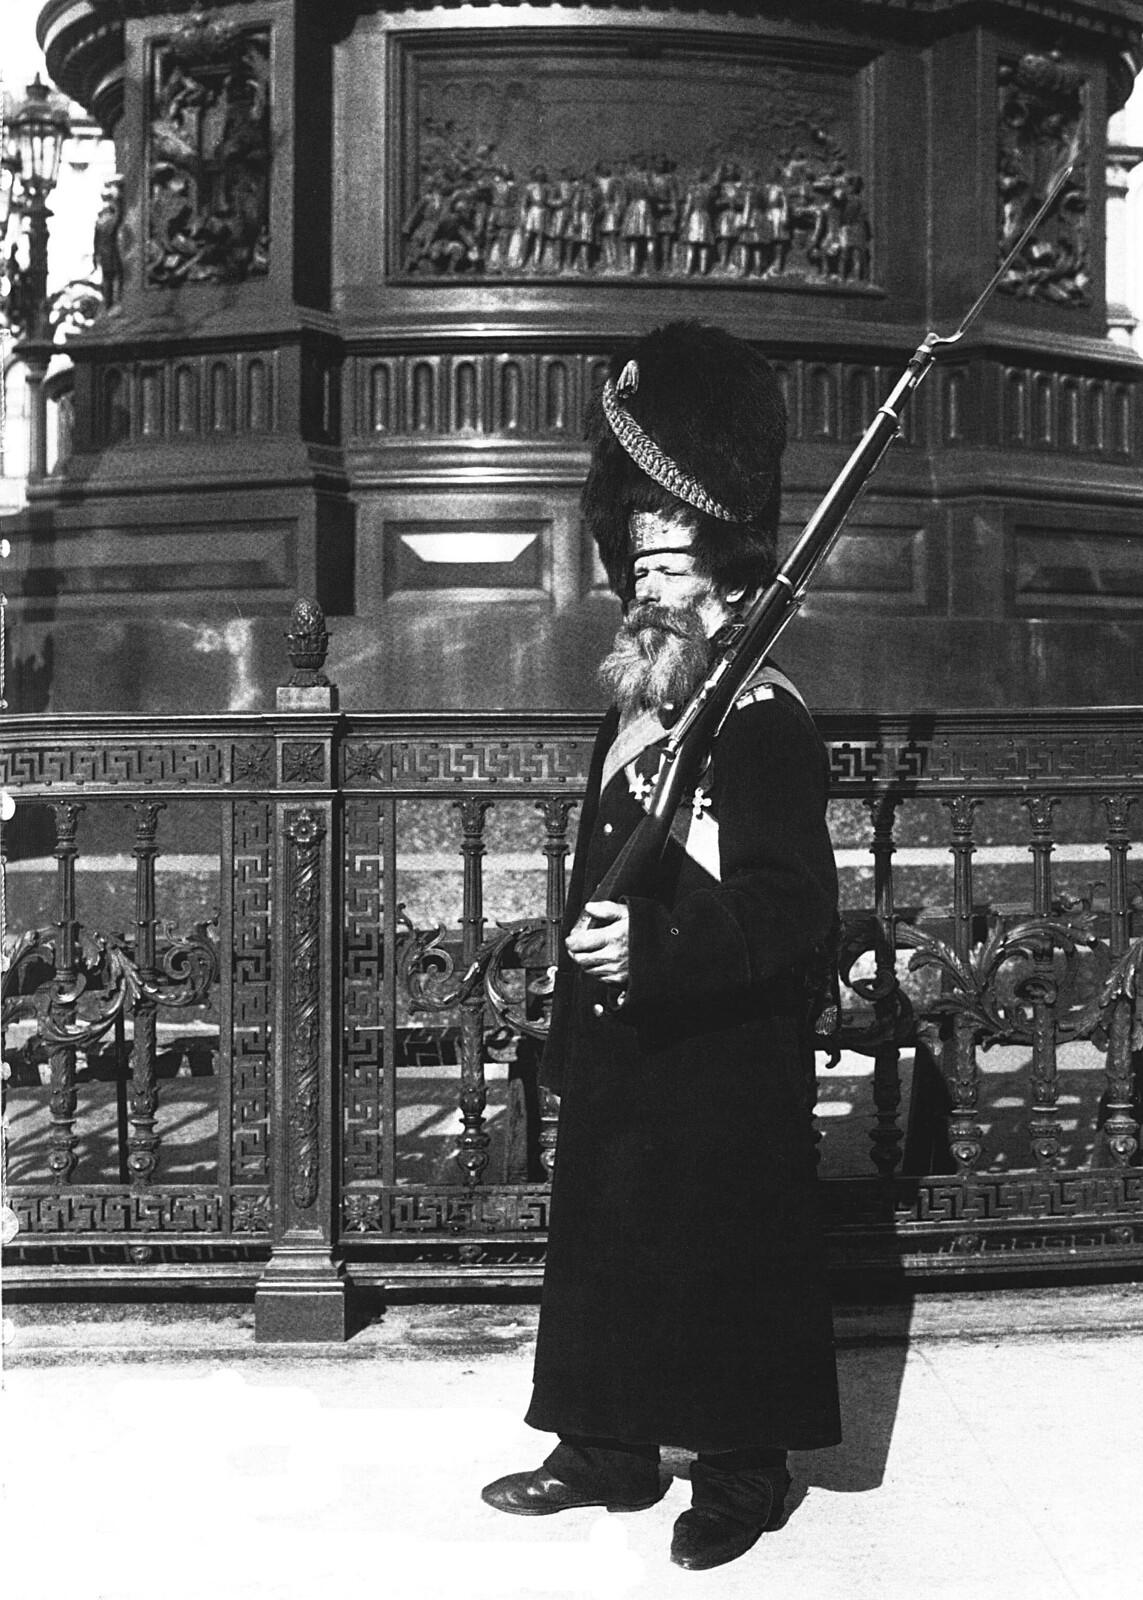 1913. Дворцовый гренадер на Дворцовой площади